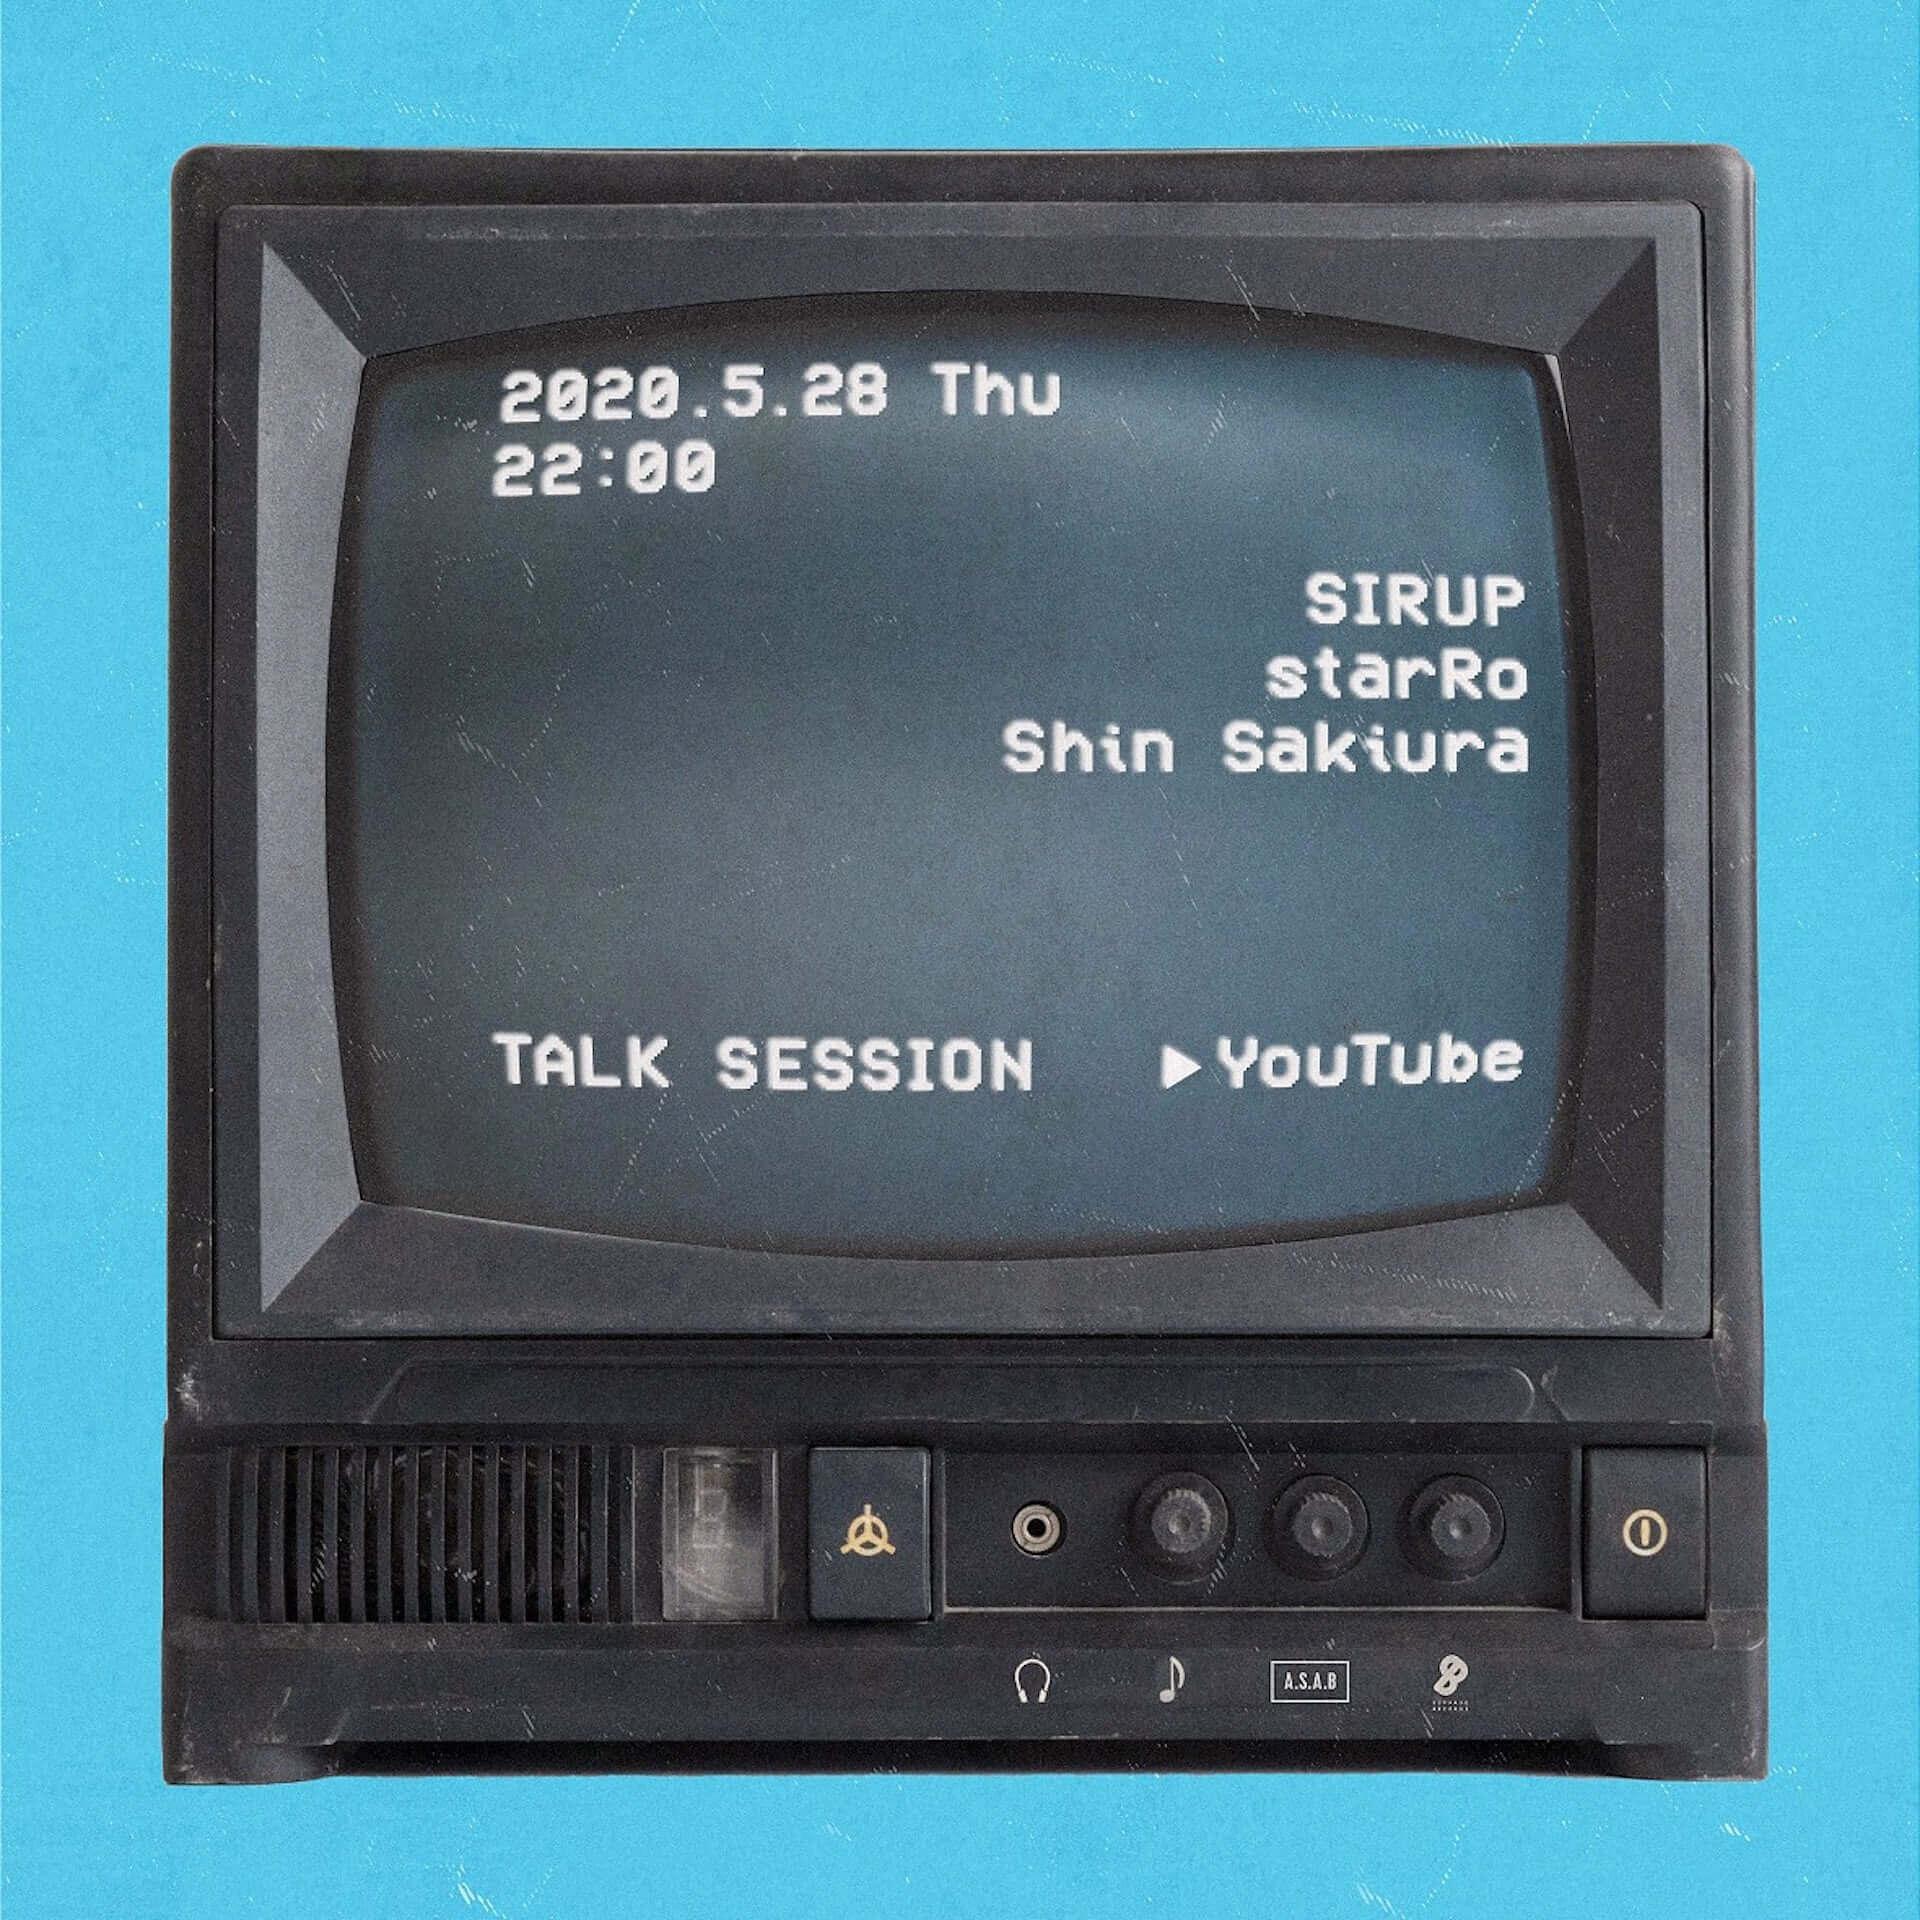 """starRoとShin SakiuraがサウンドプロデュースしたSIRUPの新曲""""HOPELESS ROMANTIC""""が配信開始!明日はトークセッション生配信も music200527_sirup_release_1-1920x1920"""